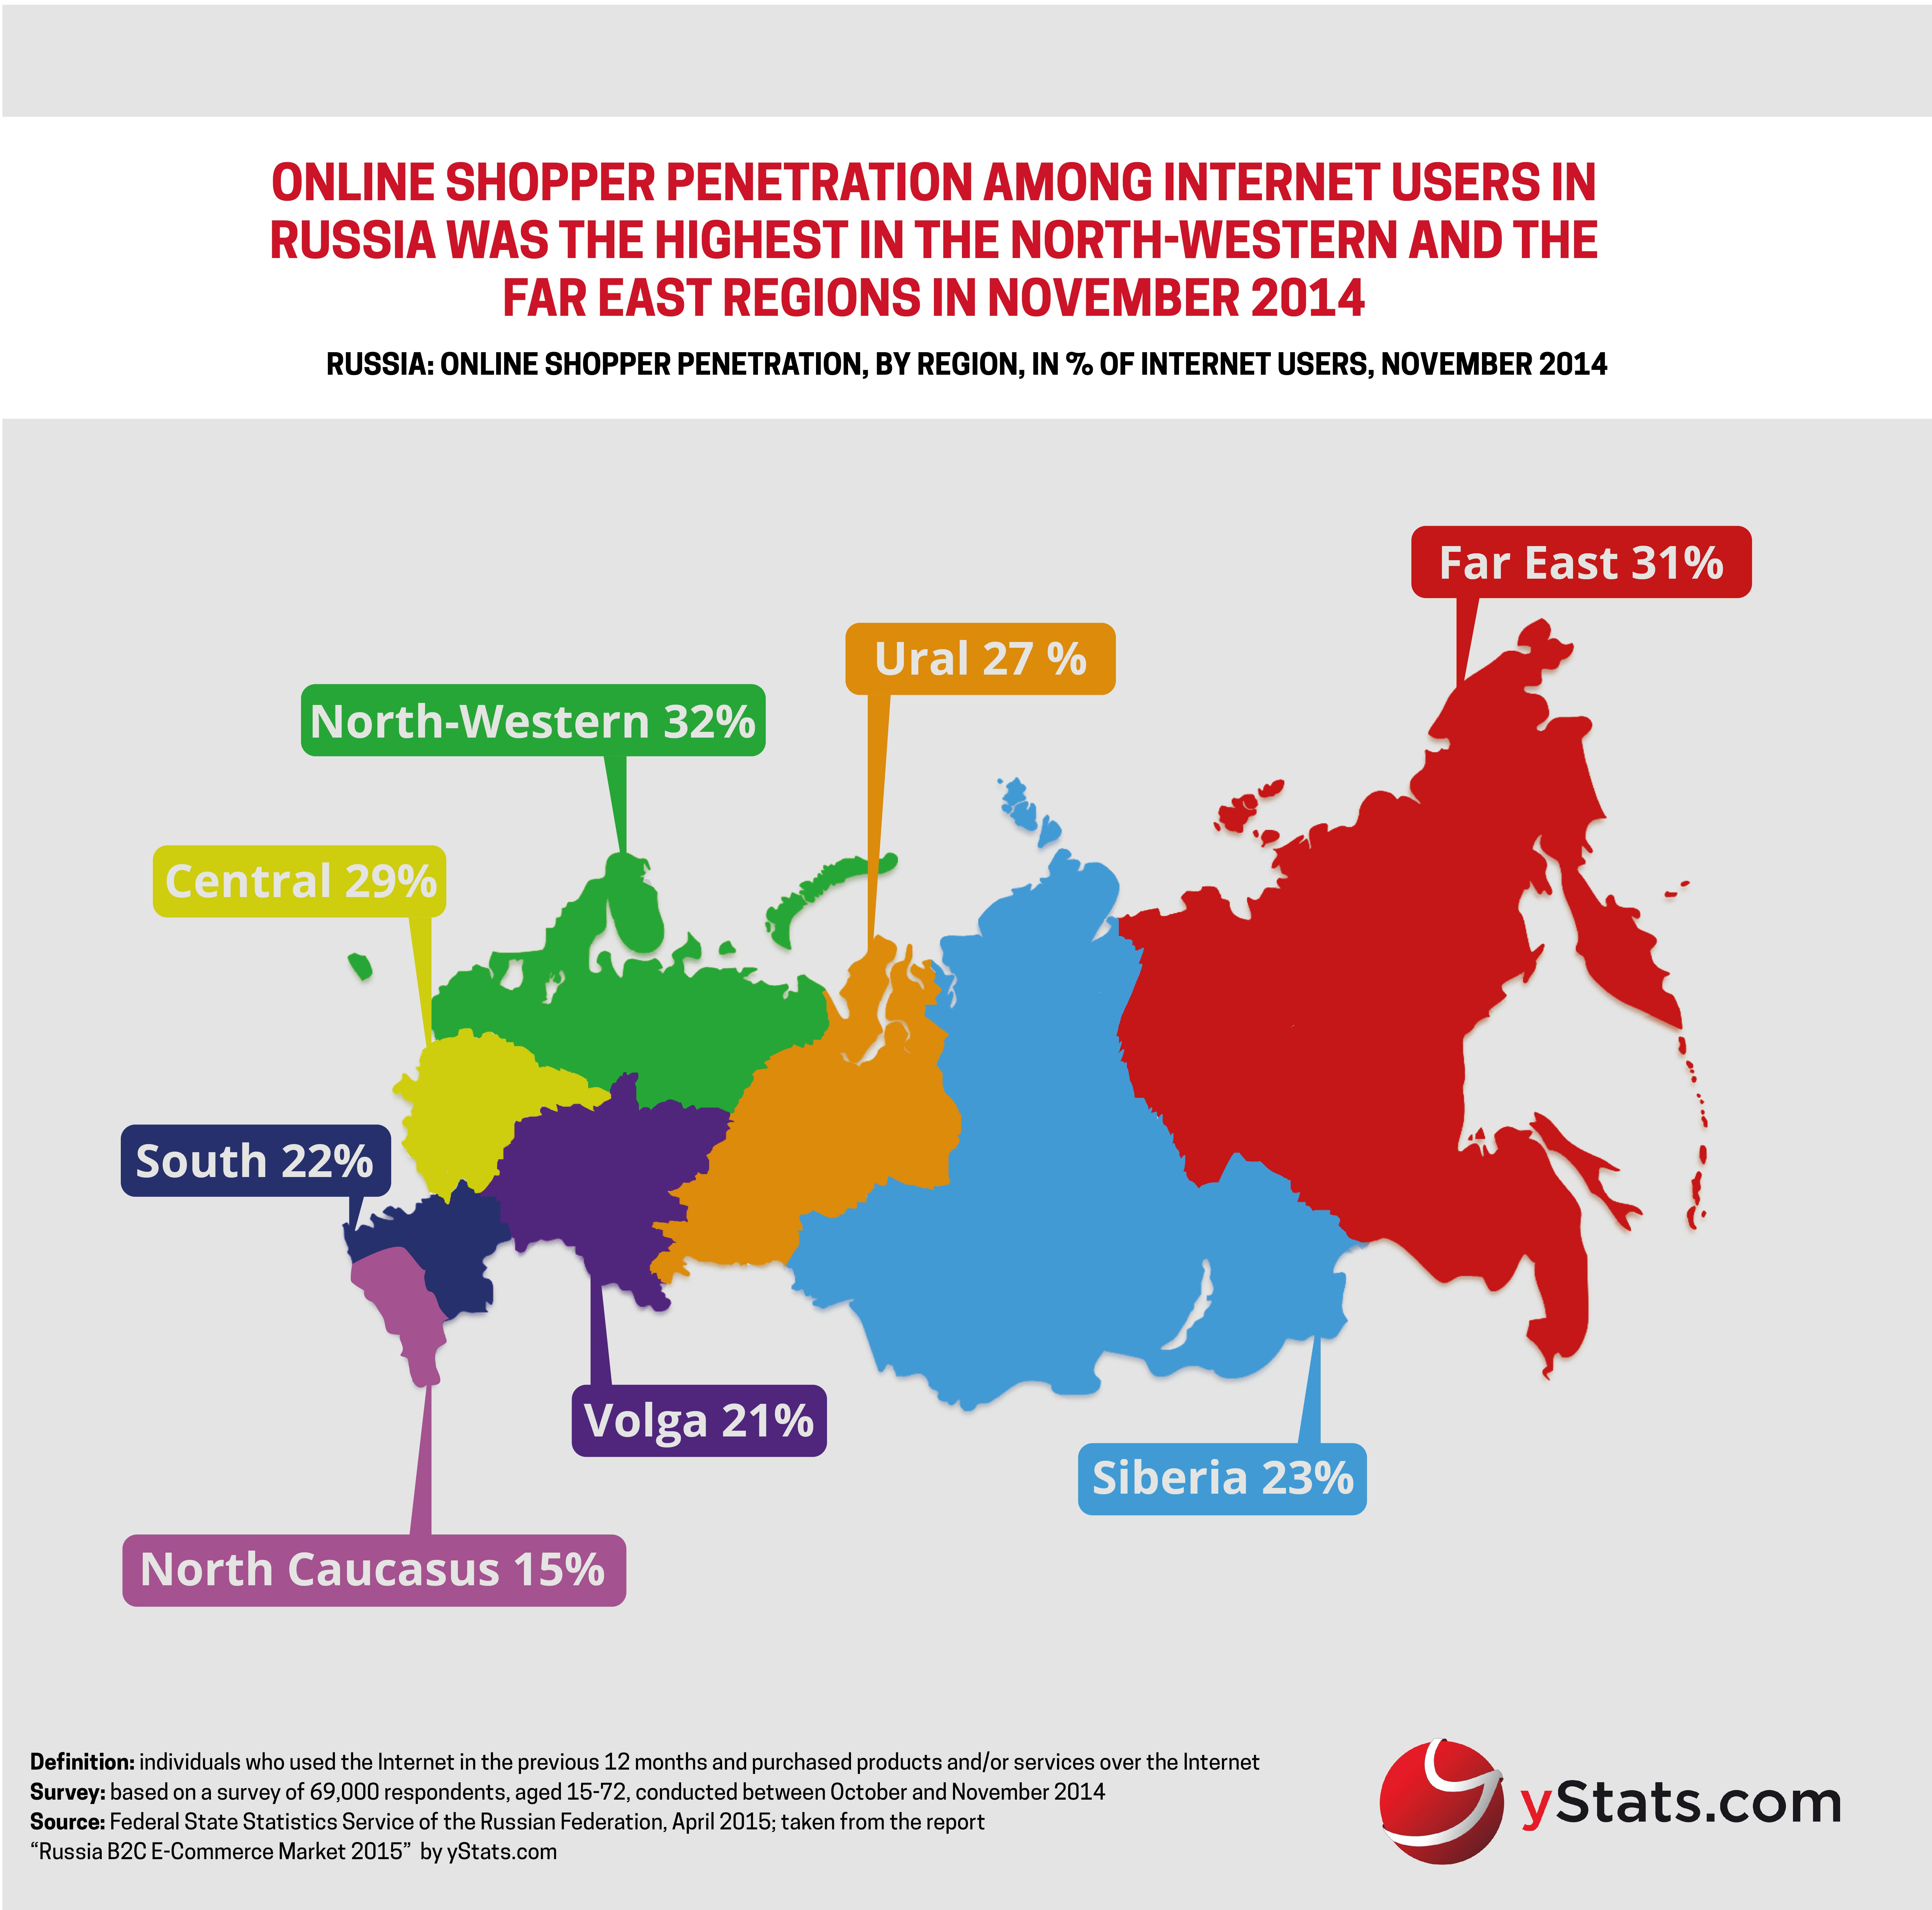 Infographic_ Russia B2C E-Commerce Market 2015_yStats.com